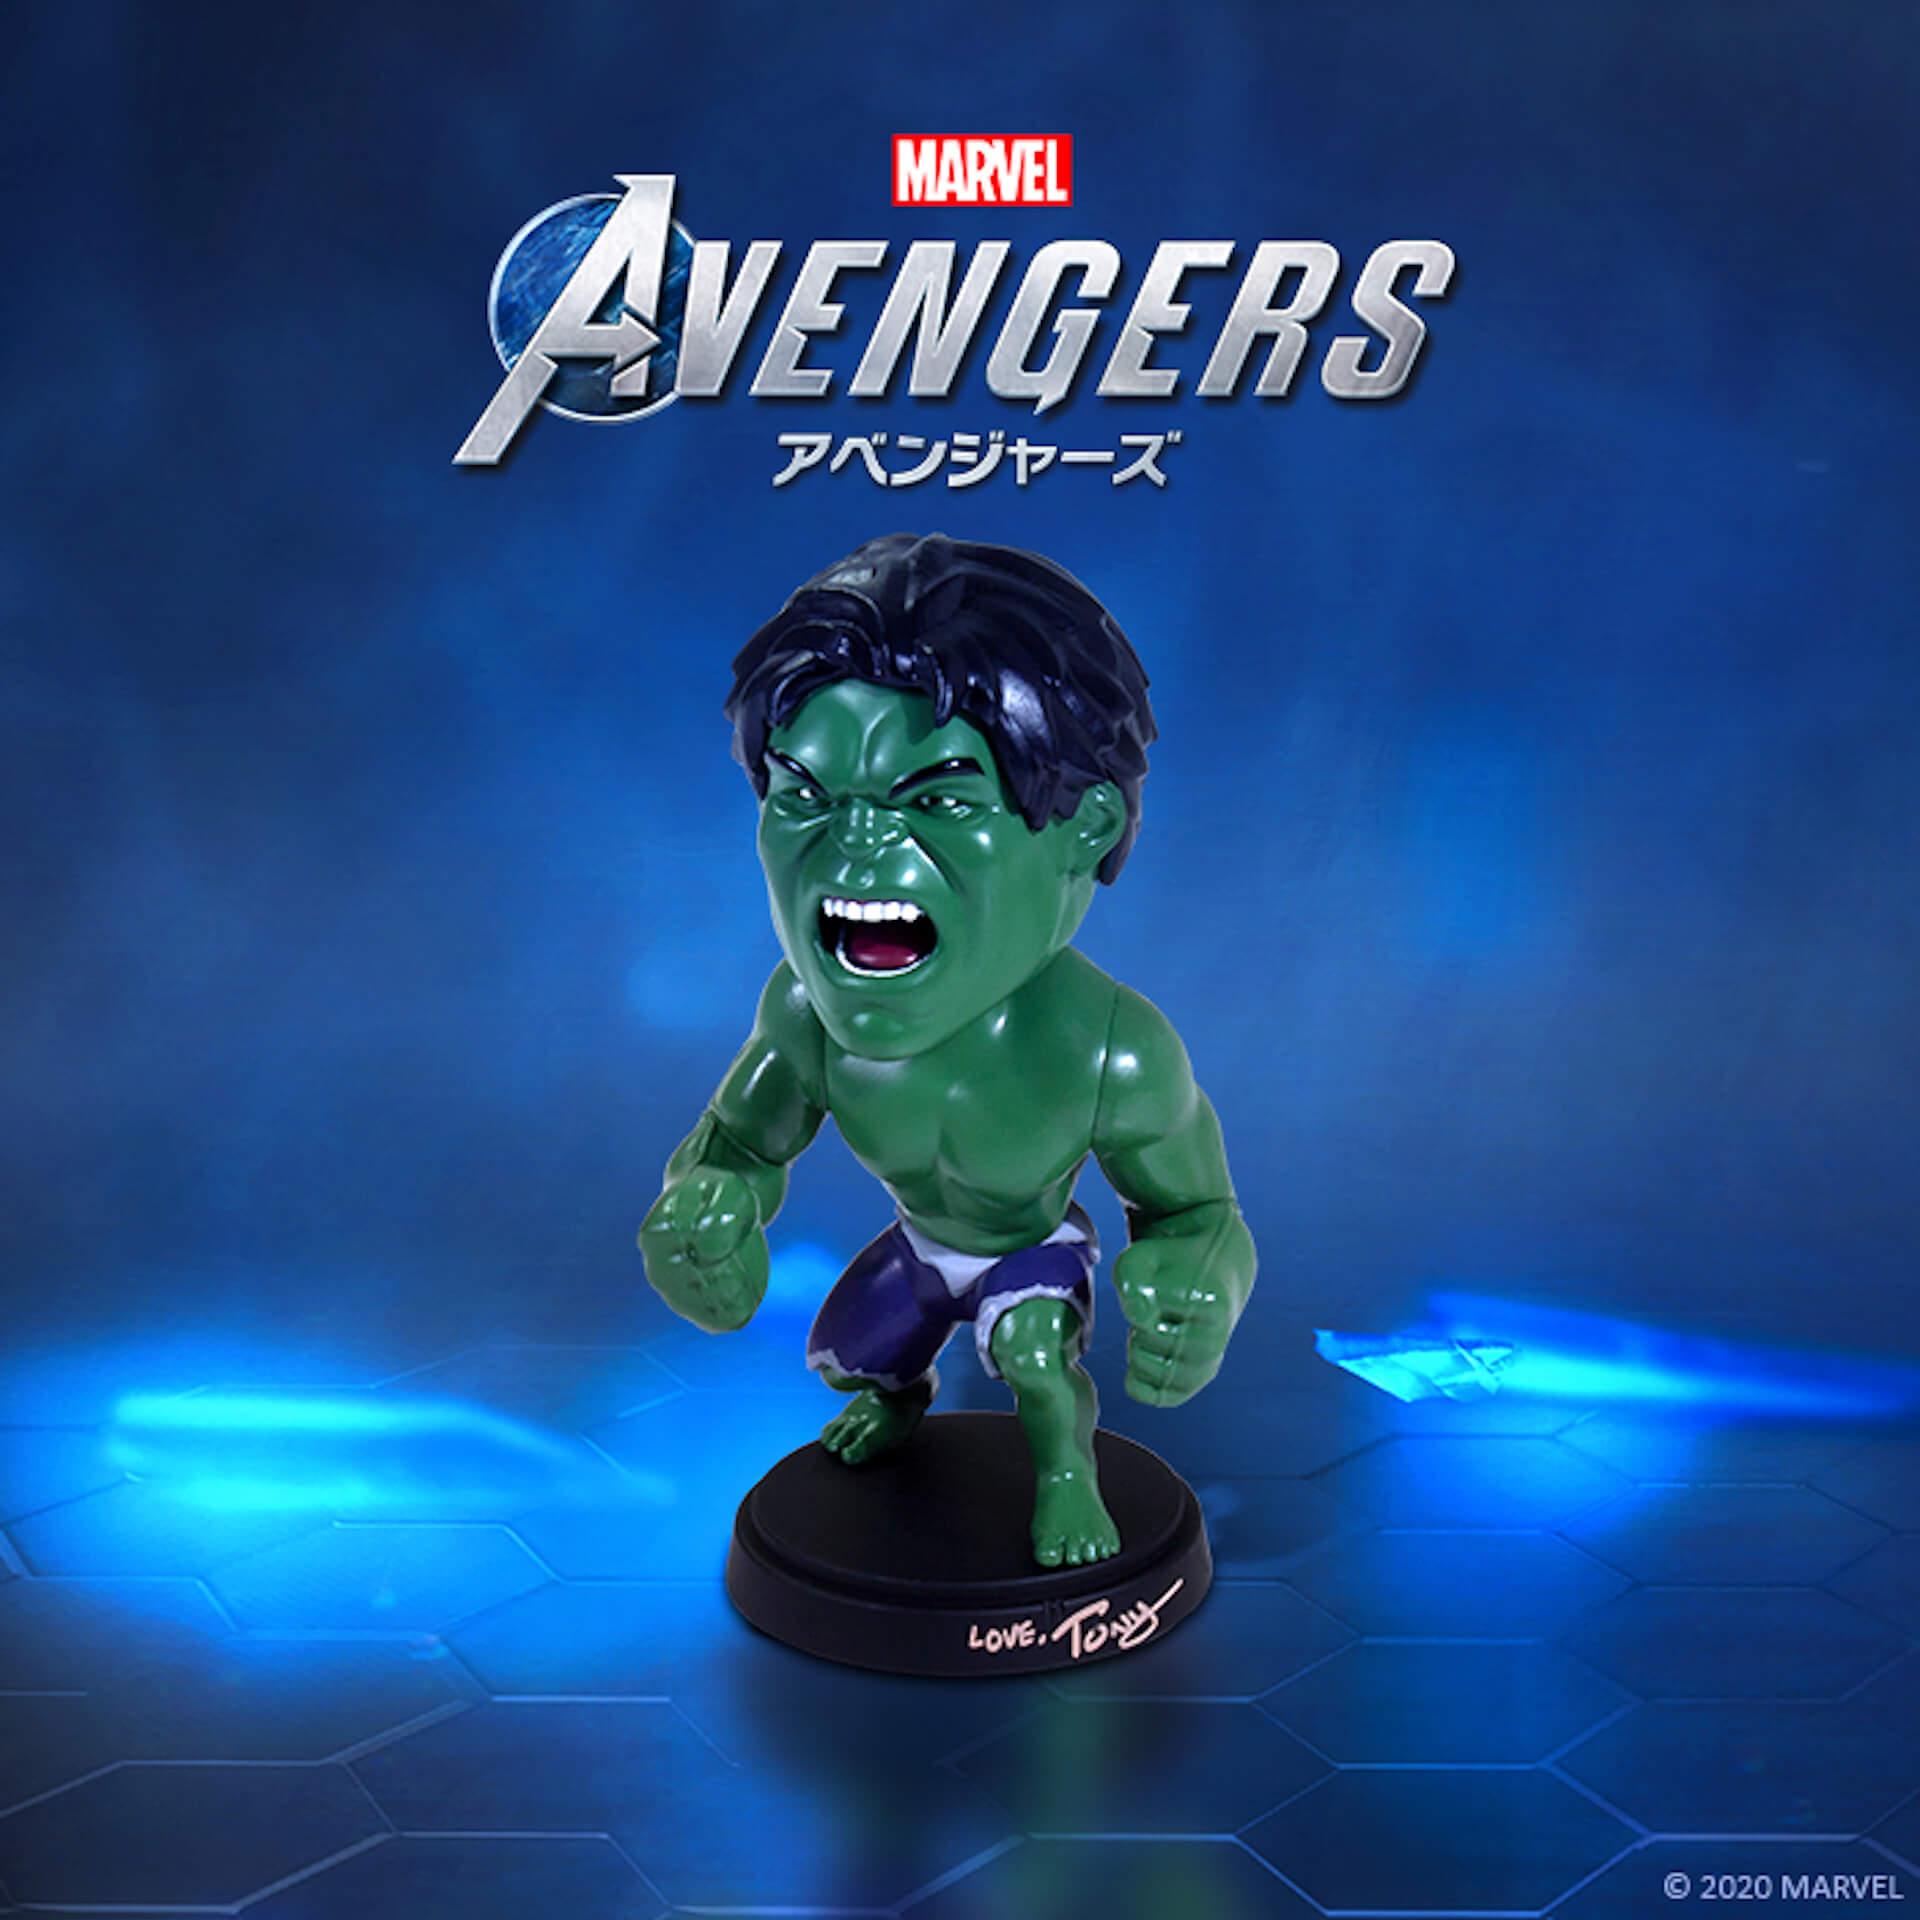 アベンジャーズ、ゲームでアッセンブル!『Marvel's Avengers』がついに予約受付開始&最新トレーラーも解禁 tech200417_avengers_game_4